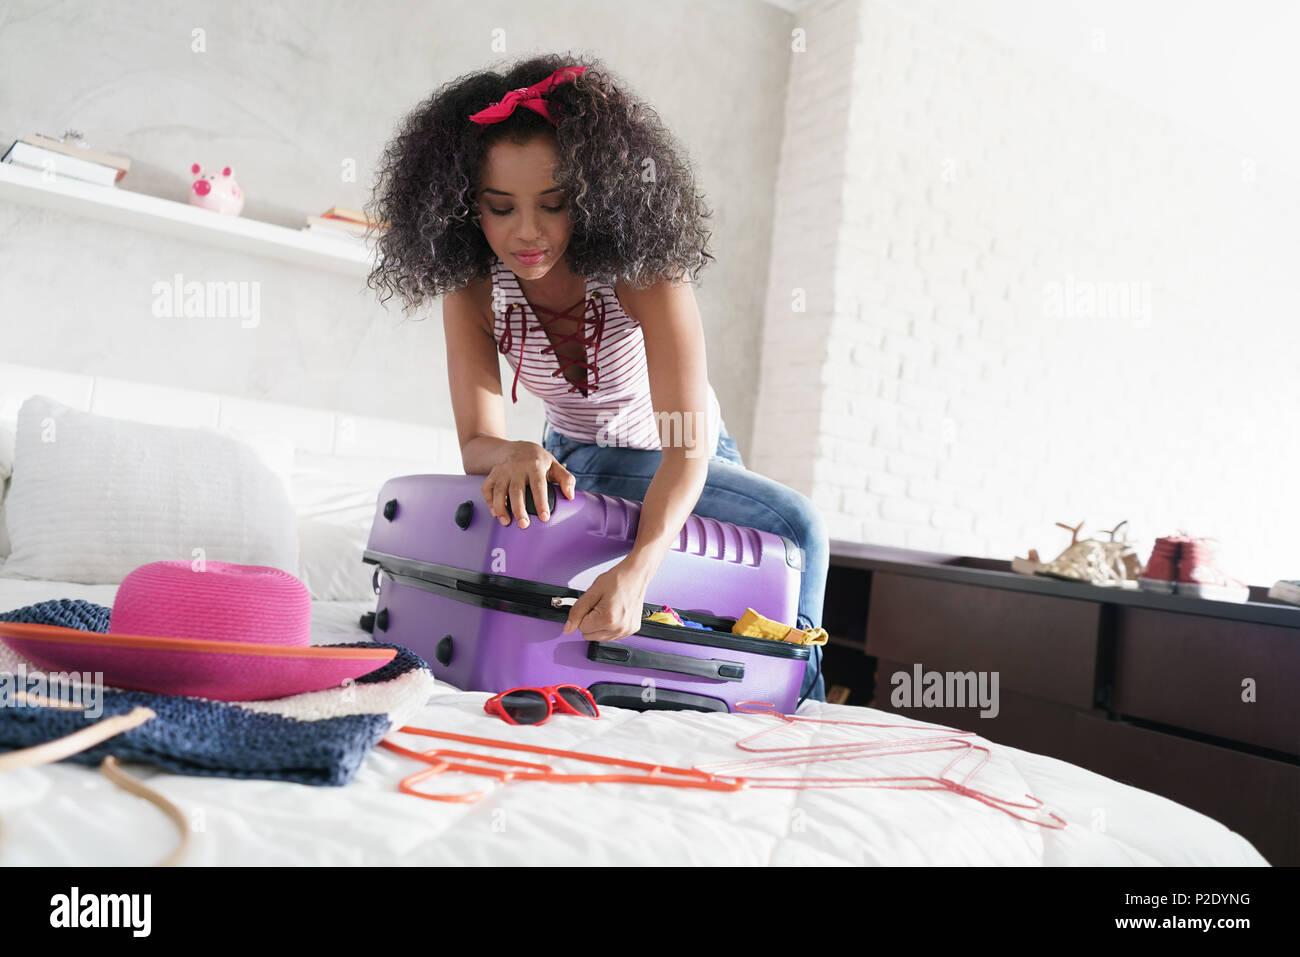 African American Girl preparando el Equipaje para viajes y vacaciones Imagen De Stock